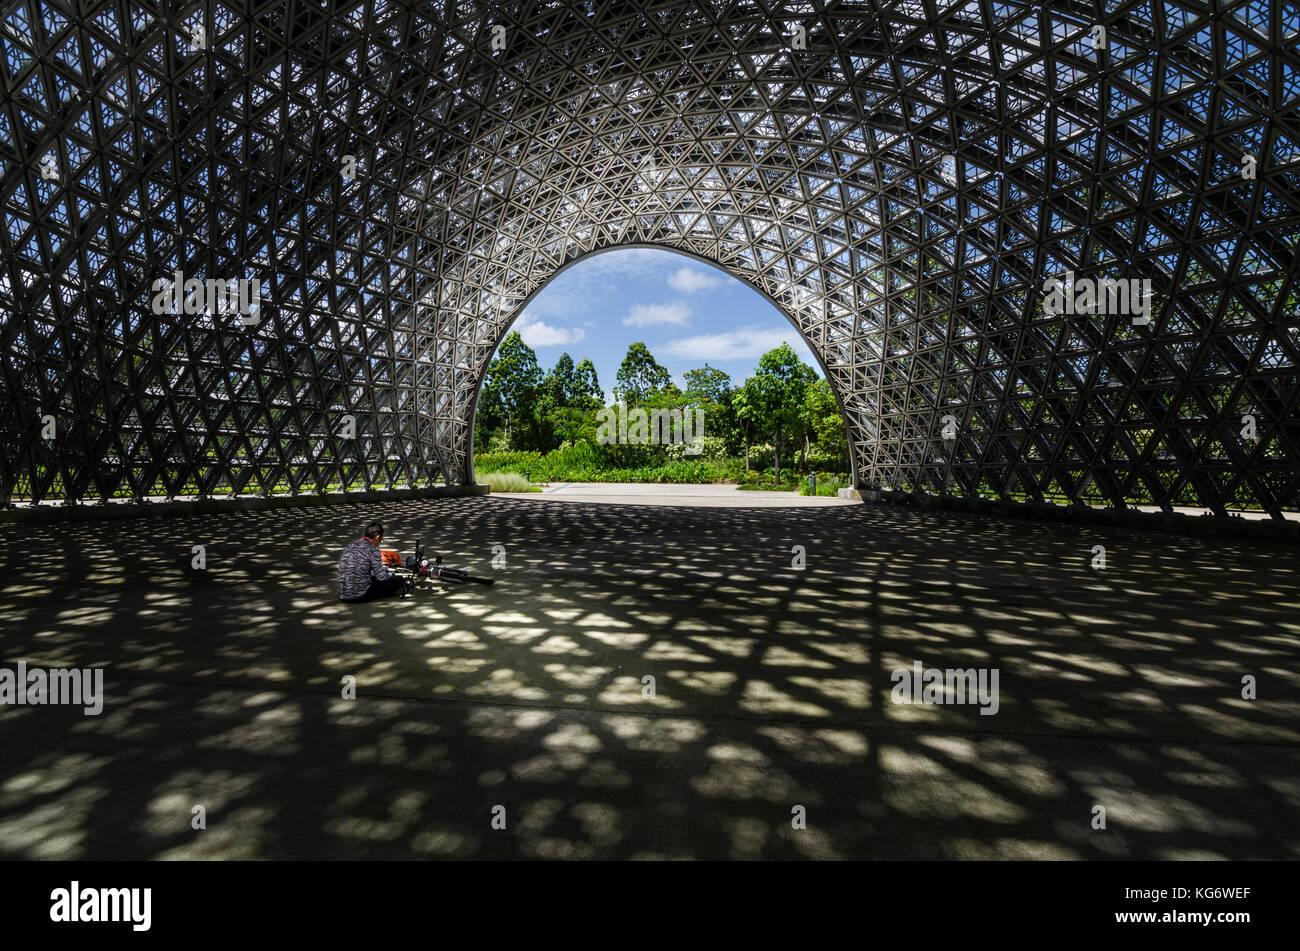 Pavillon für die Zukunft von uns Ausstellung, eine leichte Filterung Dach mit über 11000 dreieckige Aluminiumbleche. Stockbild